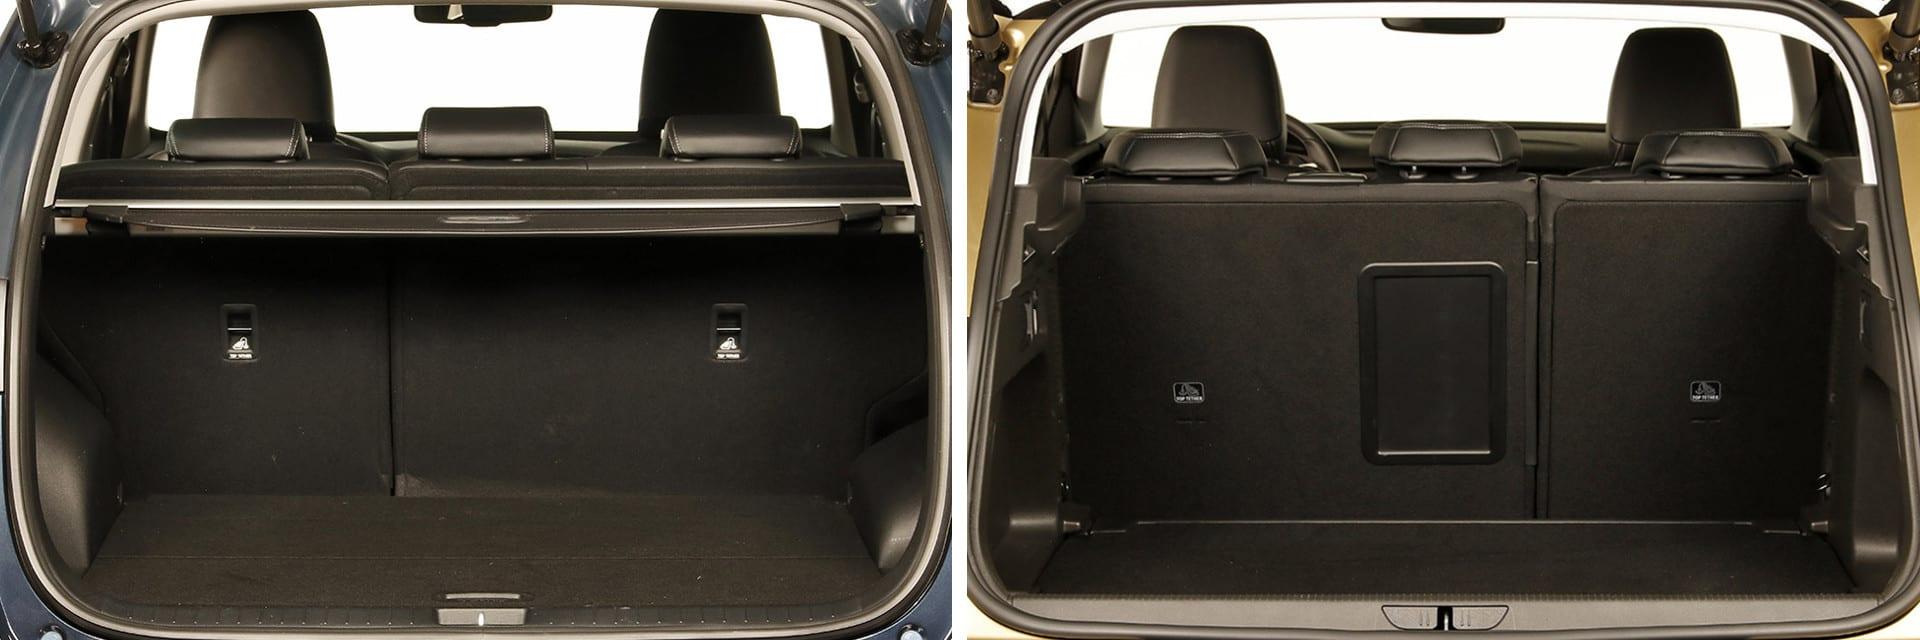 El maletero del KIA Sportage (izq.) tiene una capacidad de 503 litros y la del Opel Grandland X (dcha.), de 515 litros.